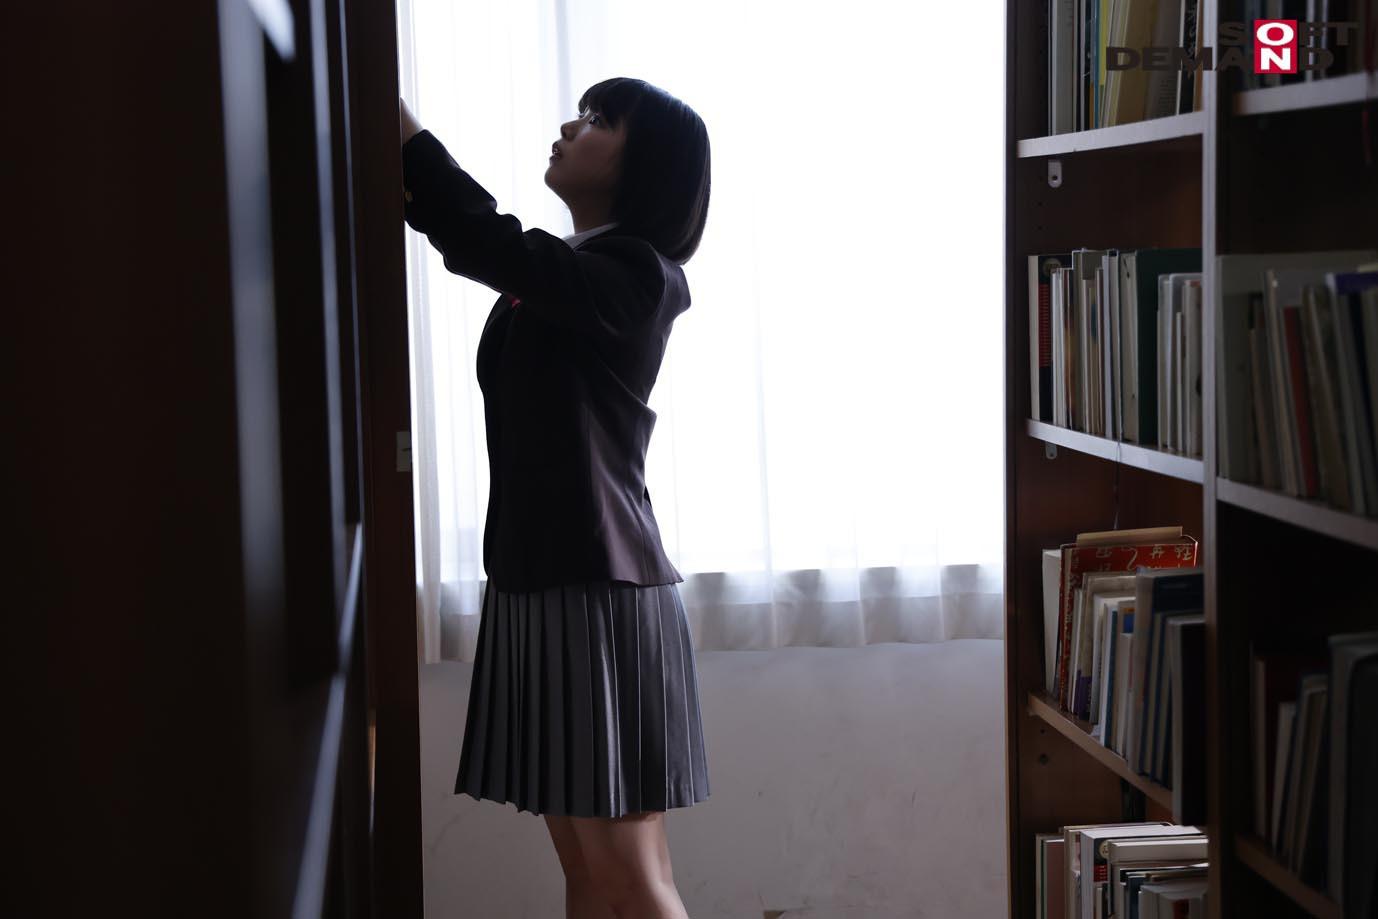 未成熟なカラダ、あやうい美少女 18歳 SOD専属AVデビュー 桃乃りん 画像9